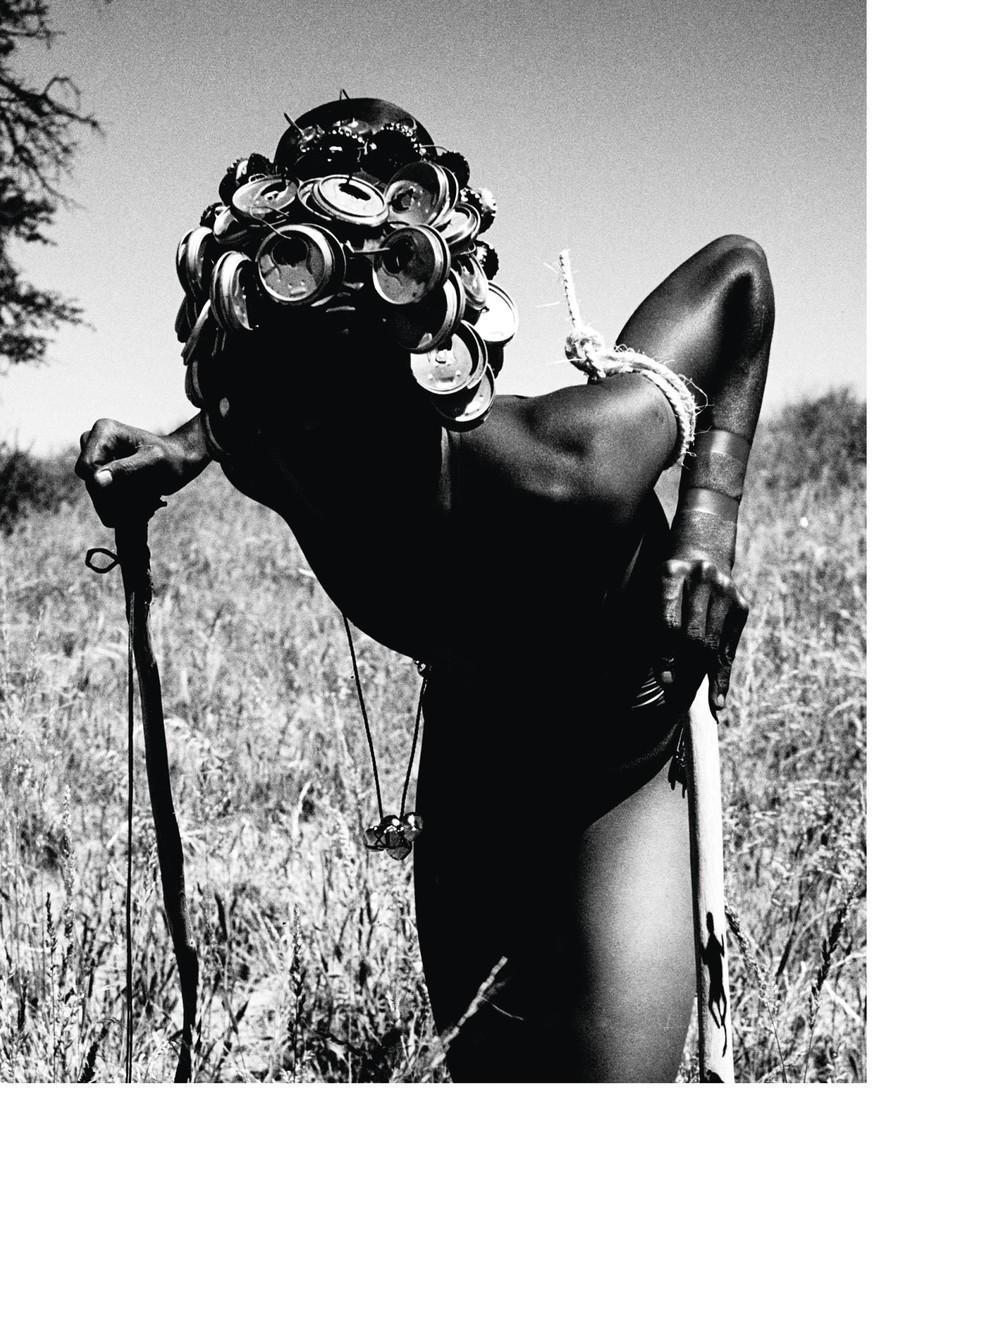 Νότια Αφρικανική μαύρο σεξ βίντεο